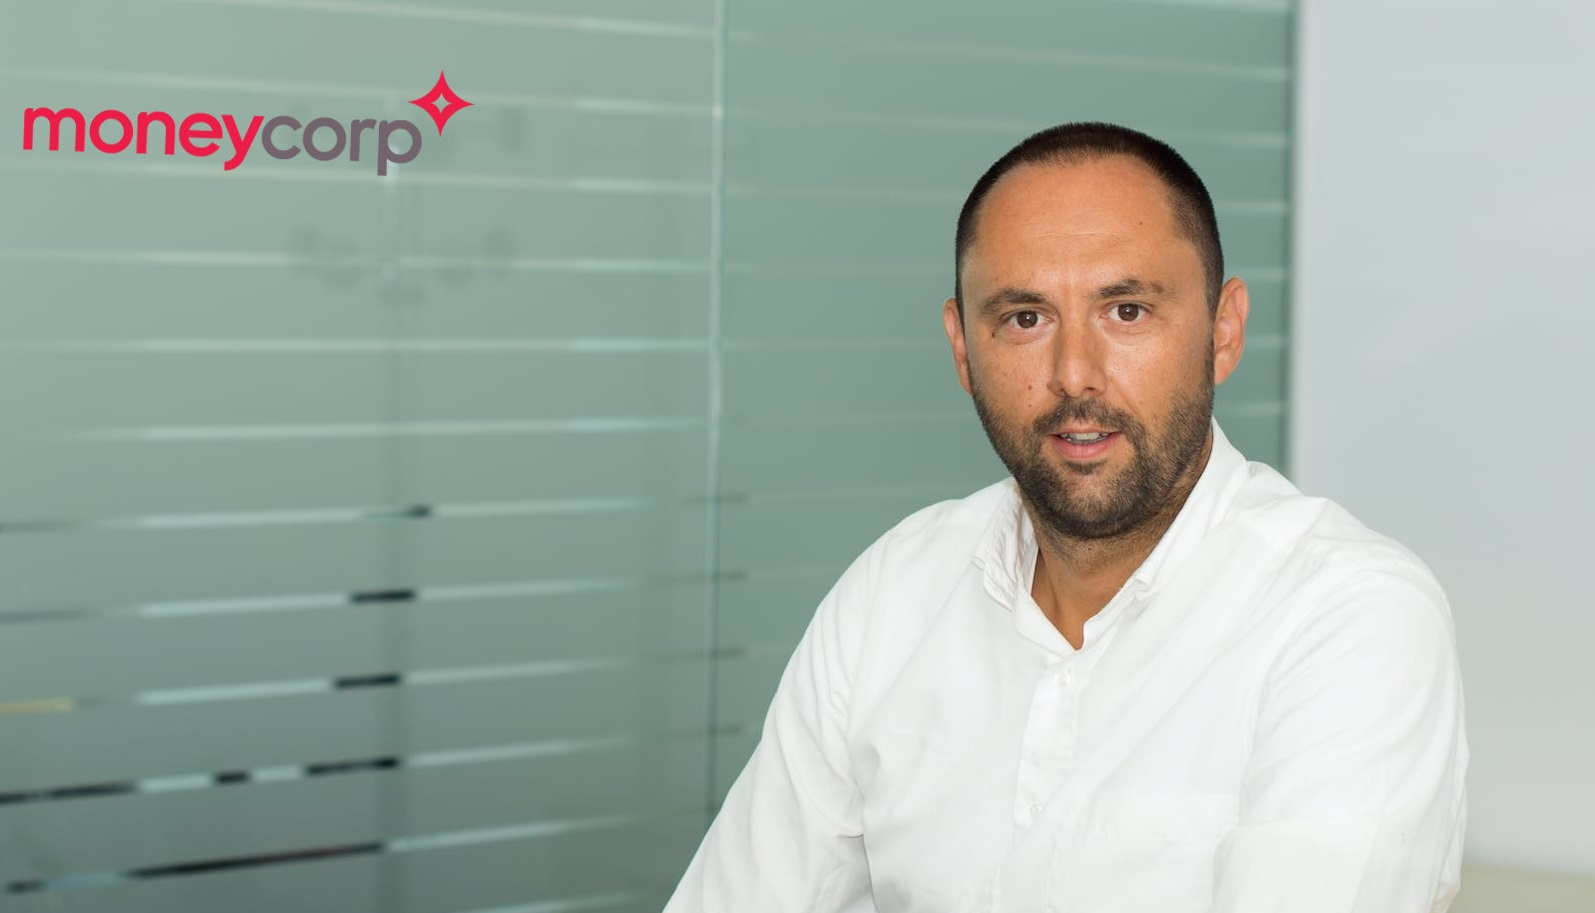 Cosmin Bucur, noul Director General al Moneycorp Romania